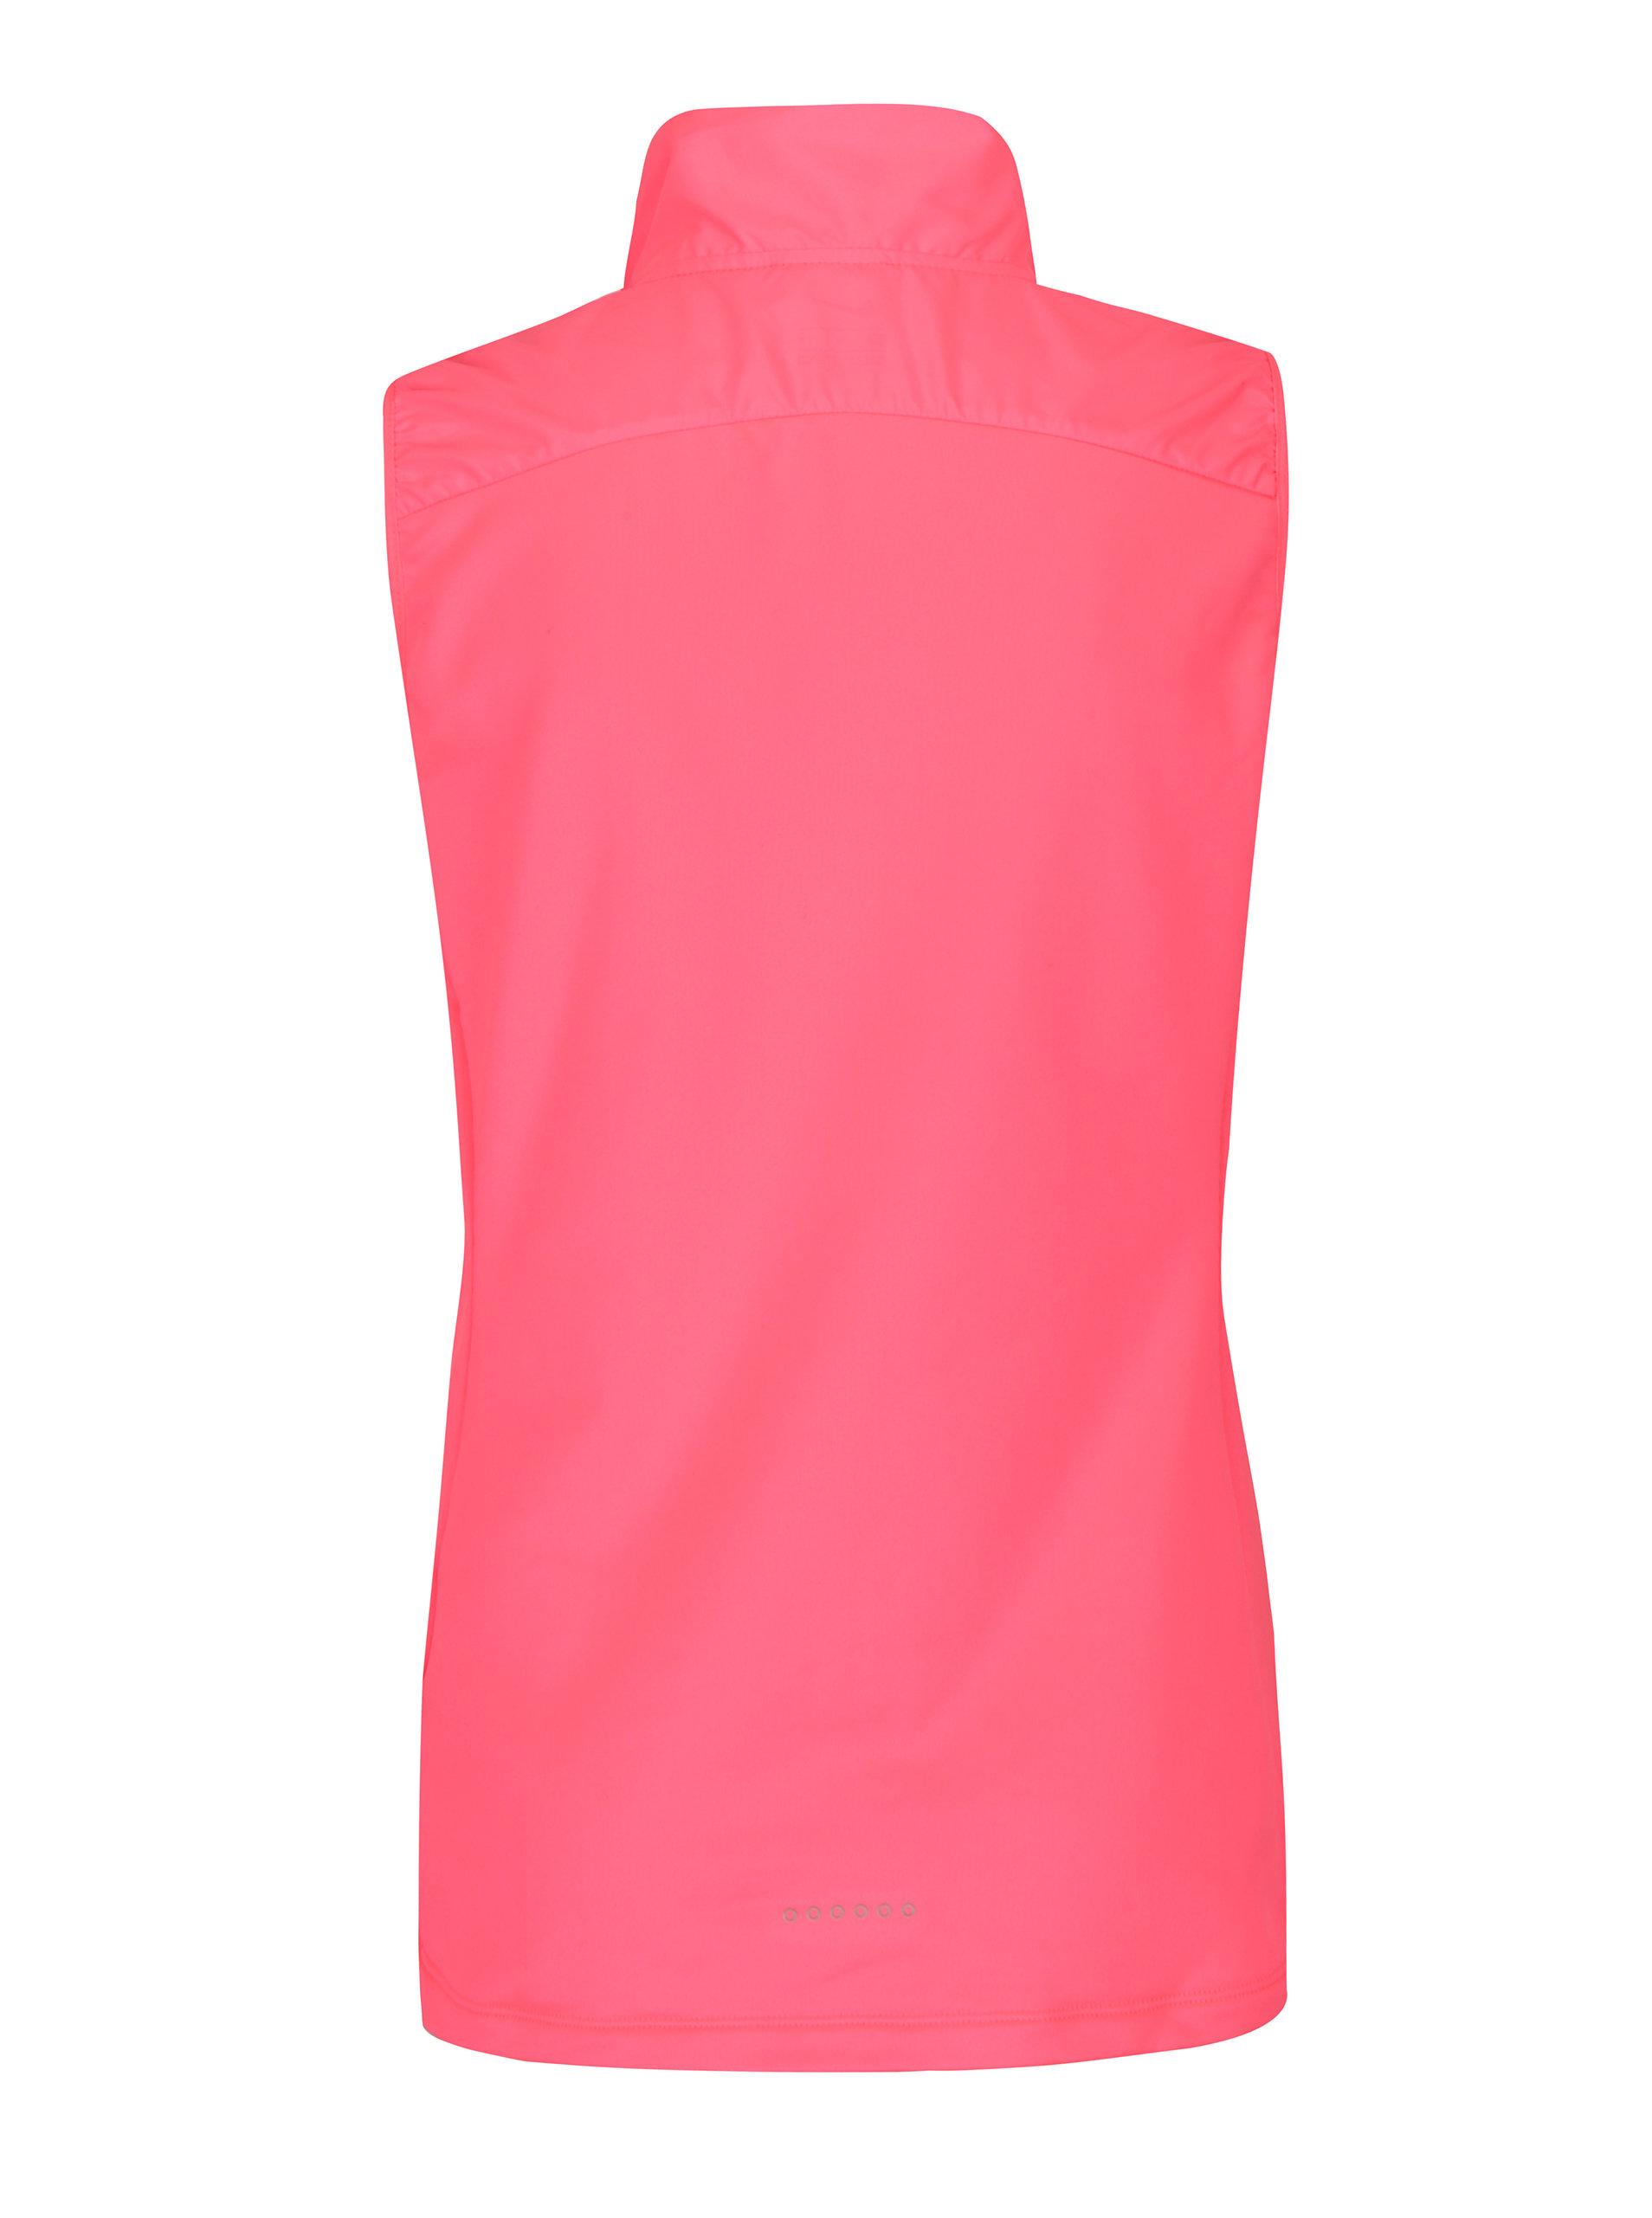 f0442a063 Ružová dámska funkčná vesta Nike | ZOOT.sk